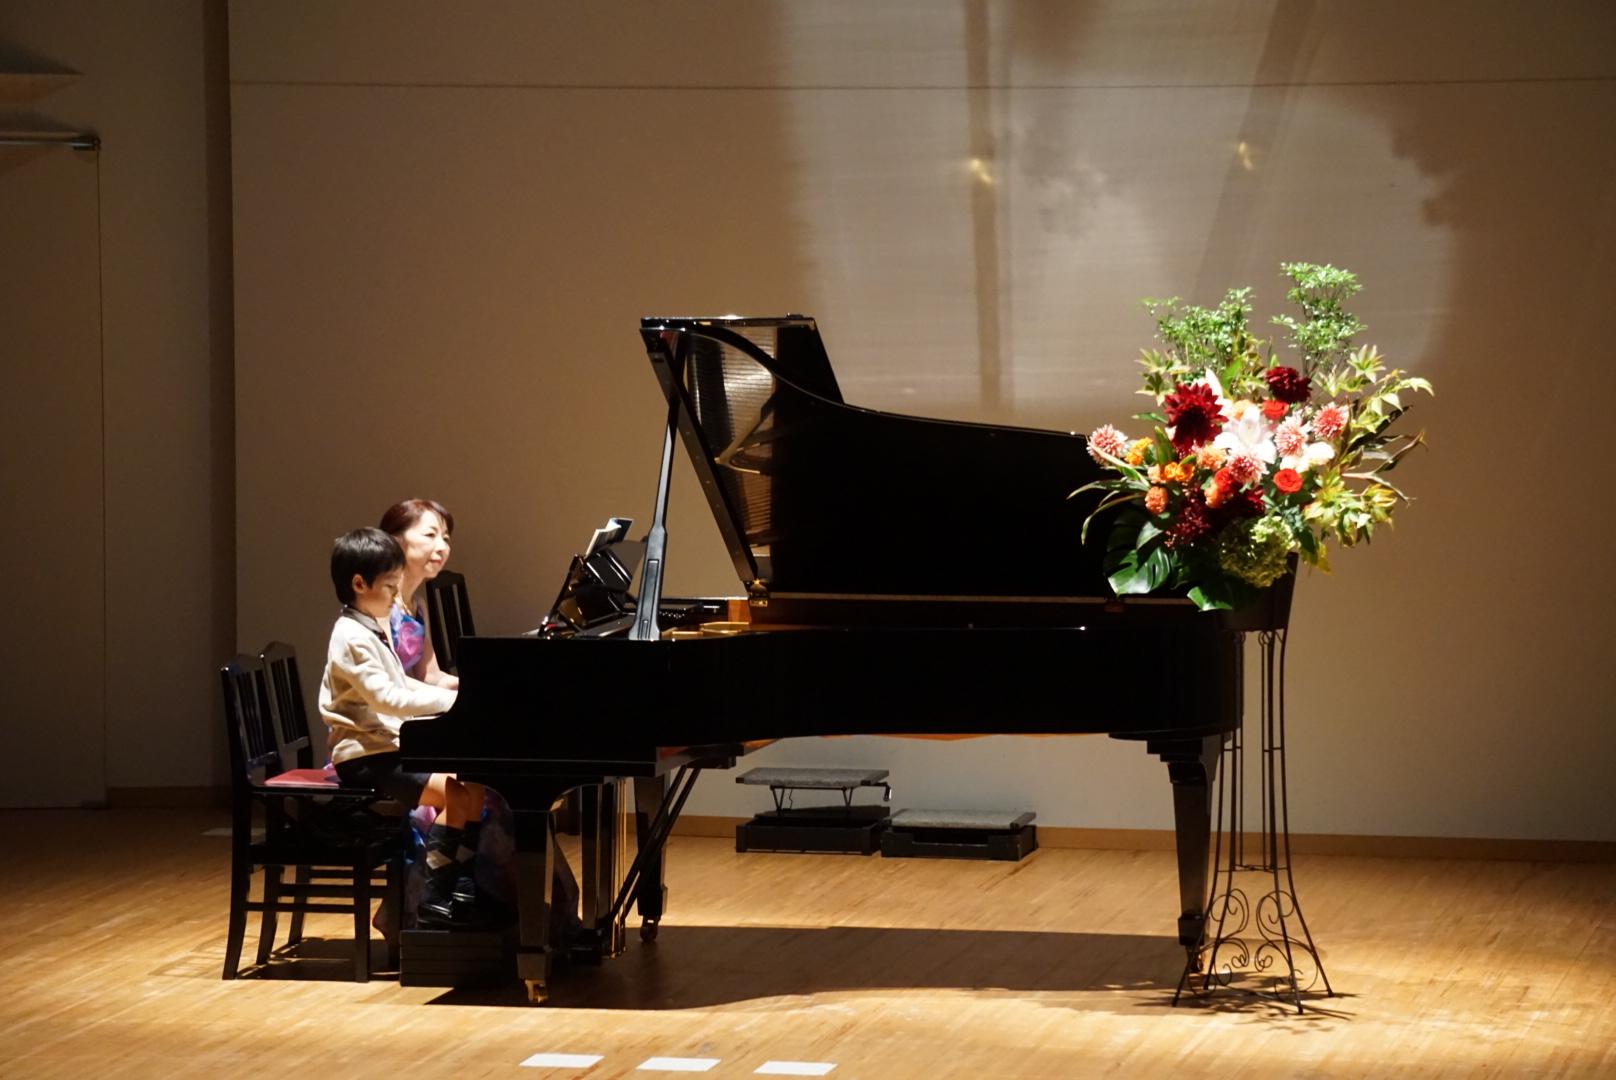 2018年10月27日 奏の会ピアノ発表会 はるみ先生と生徒によるオープニング